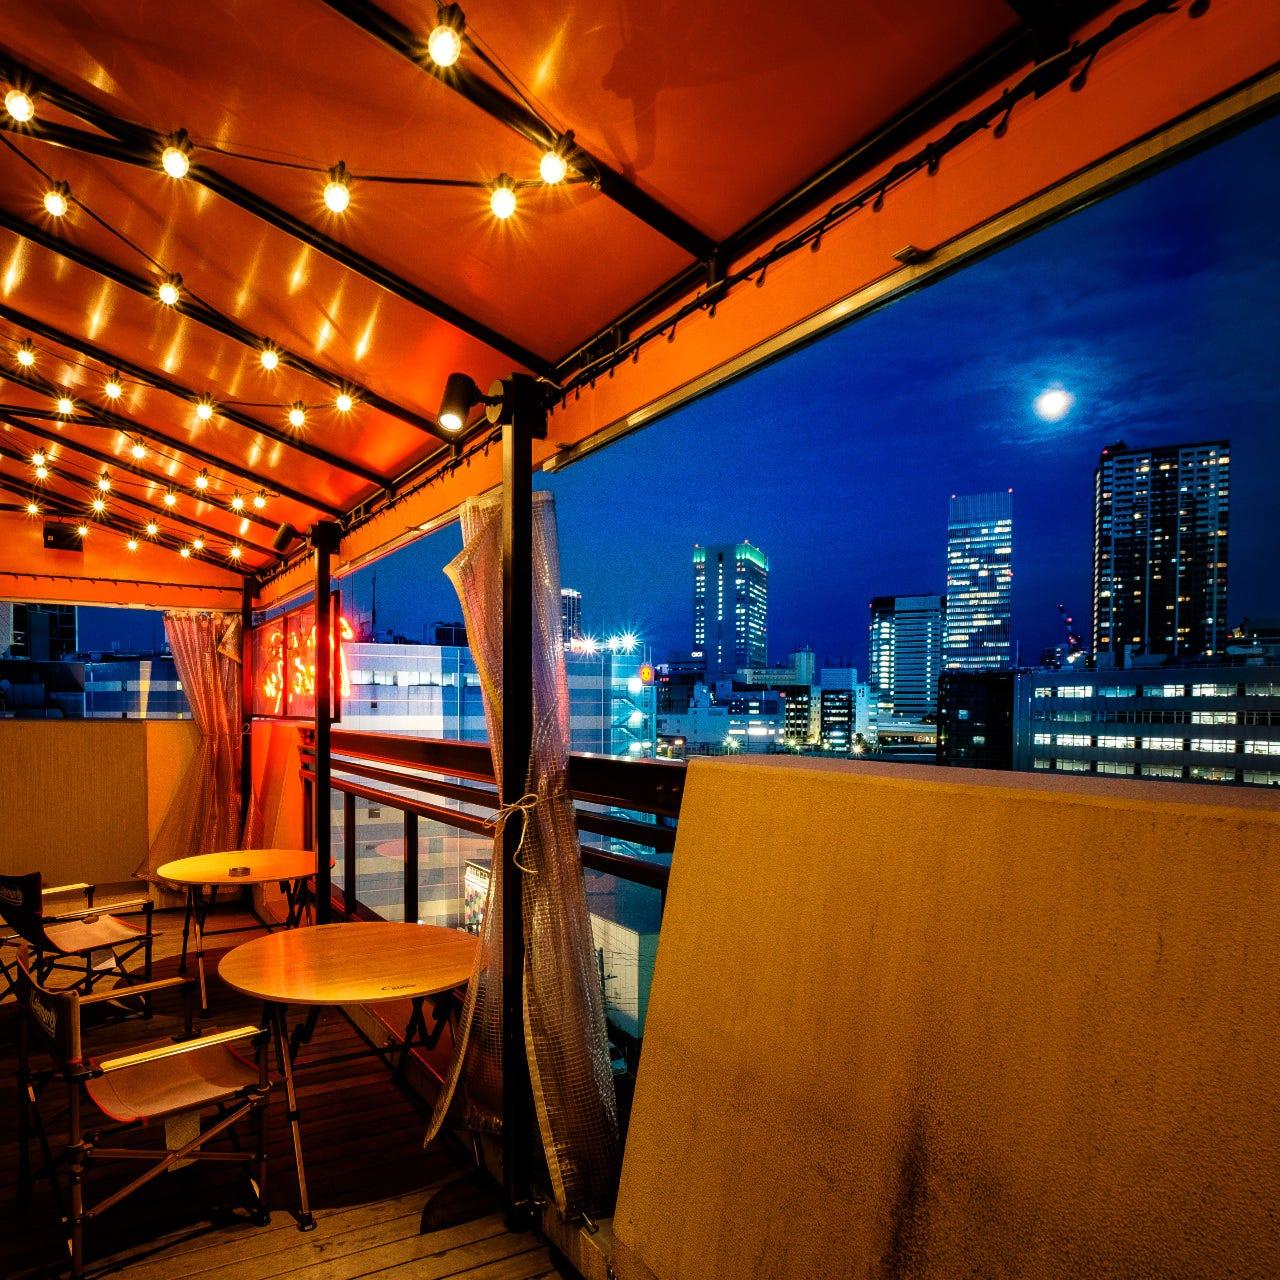 横浜の夜景を眺めて乾杯!人気テラス